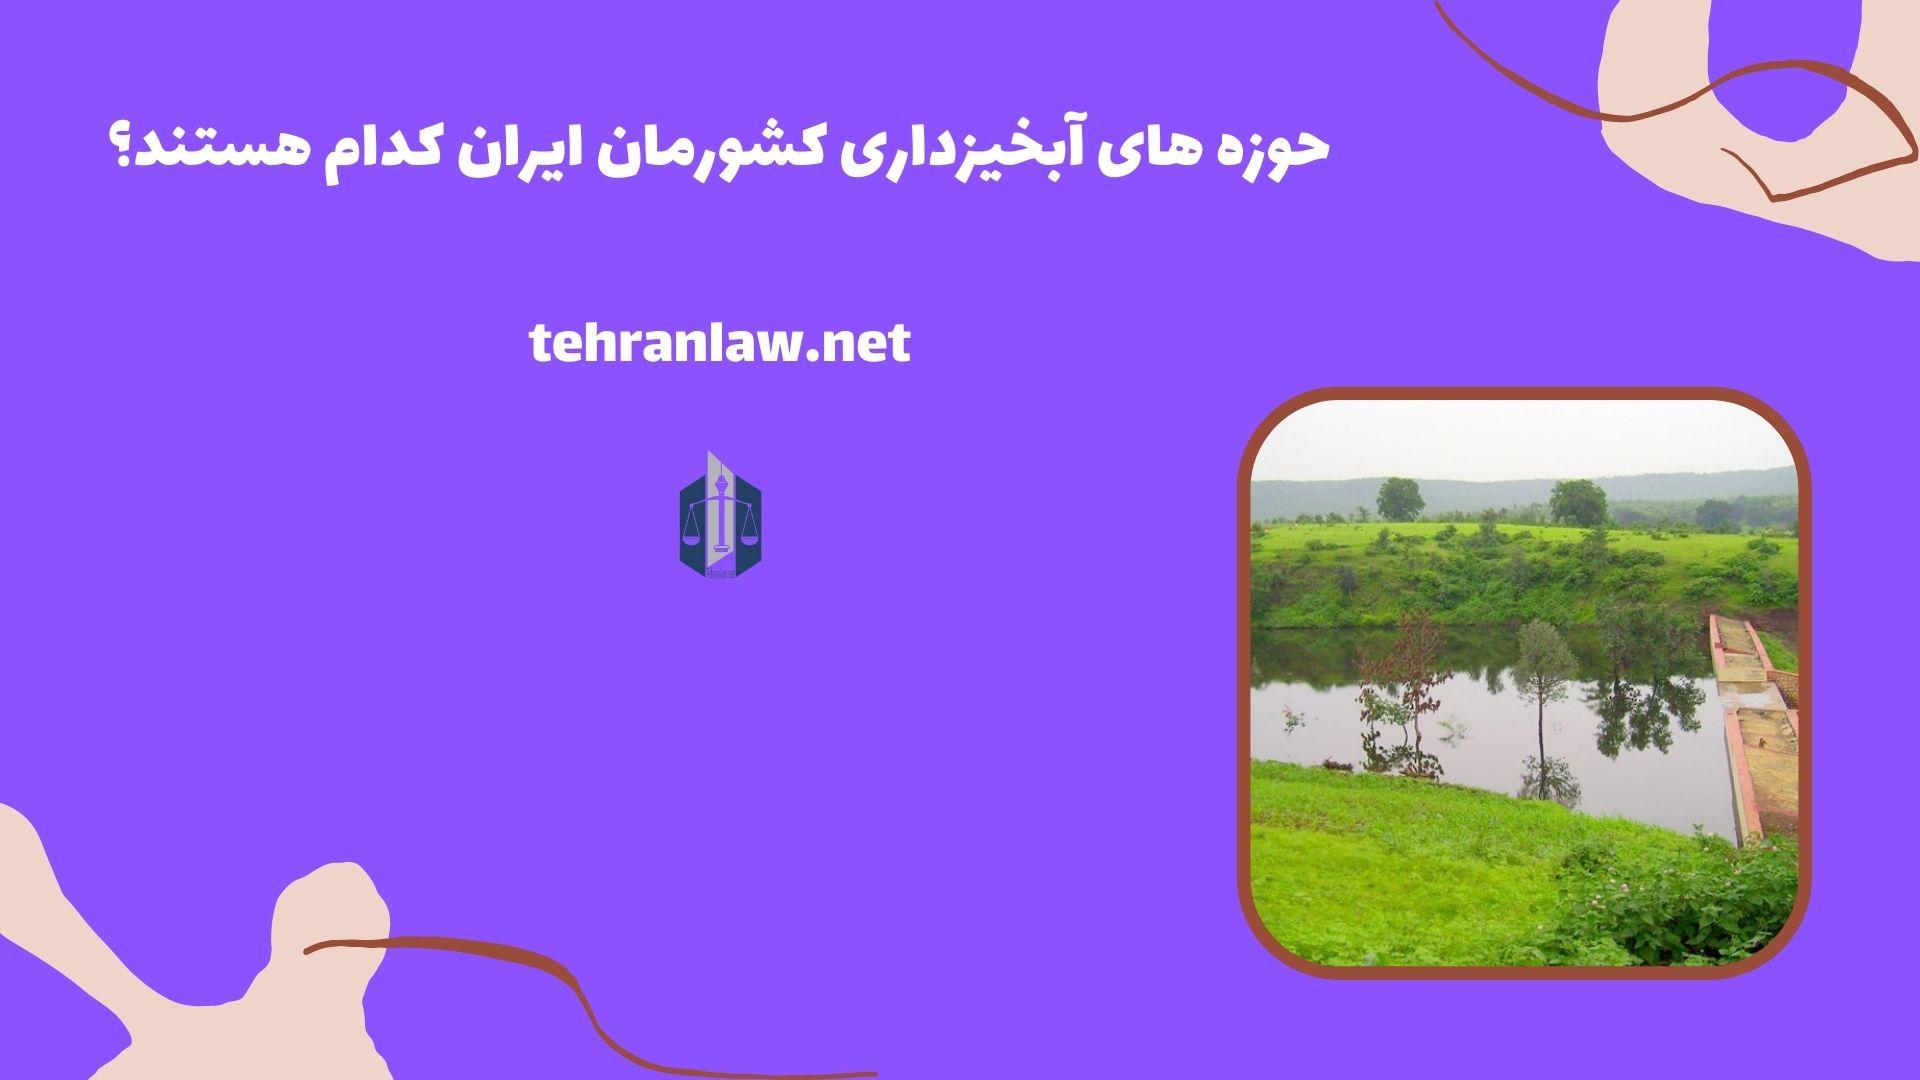 حوزه های آبخیزداری کشورمان ایران کدام هستند؟